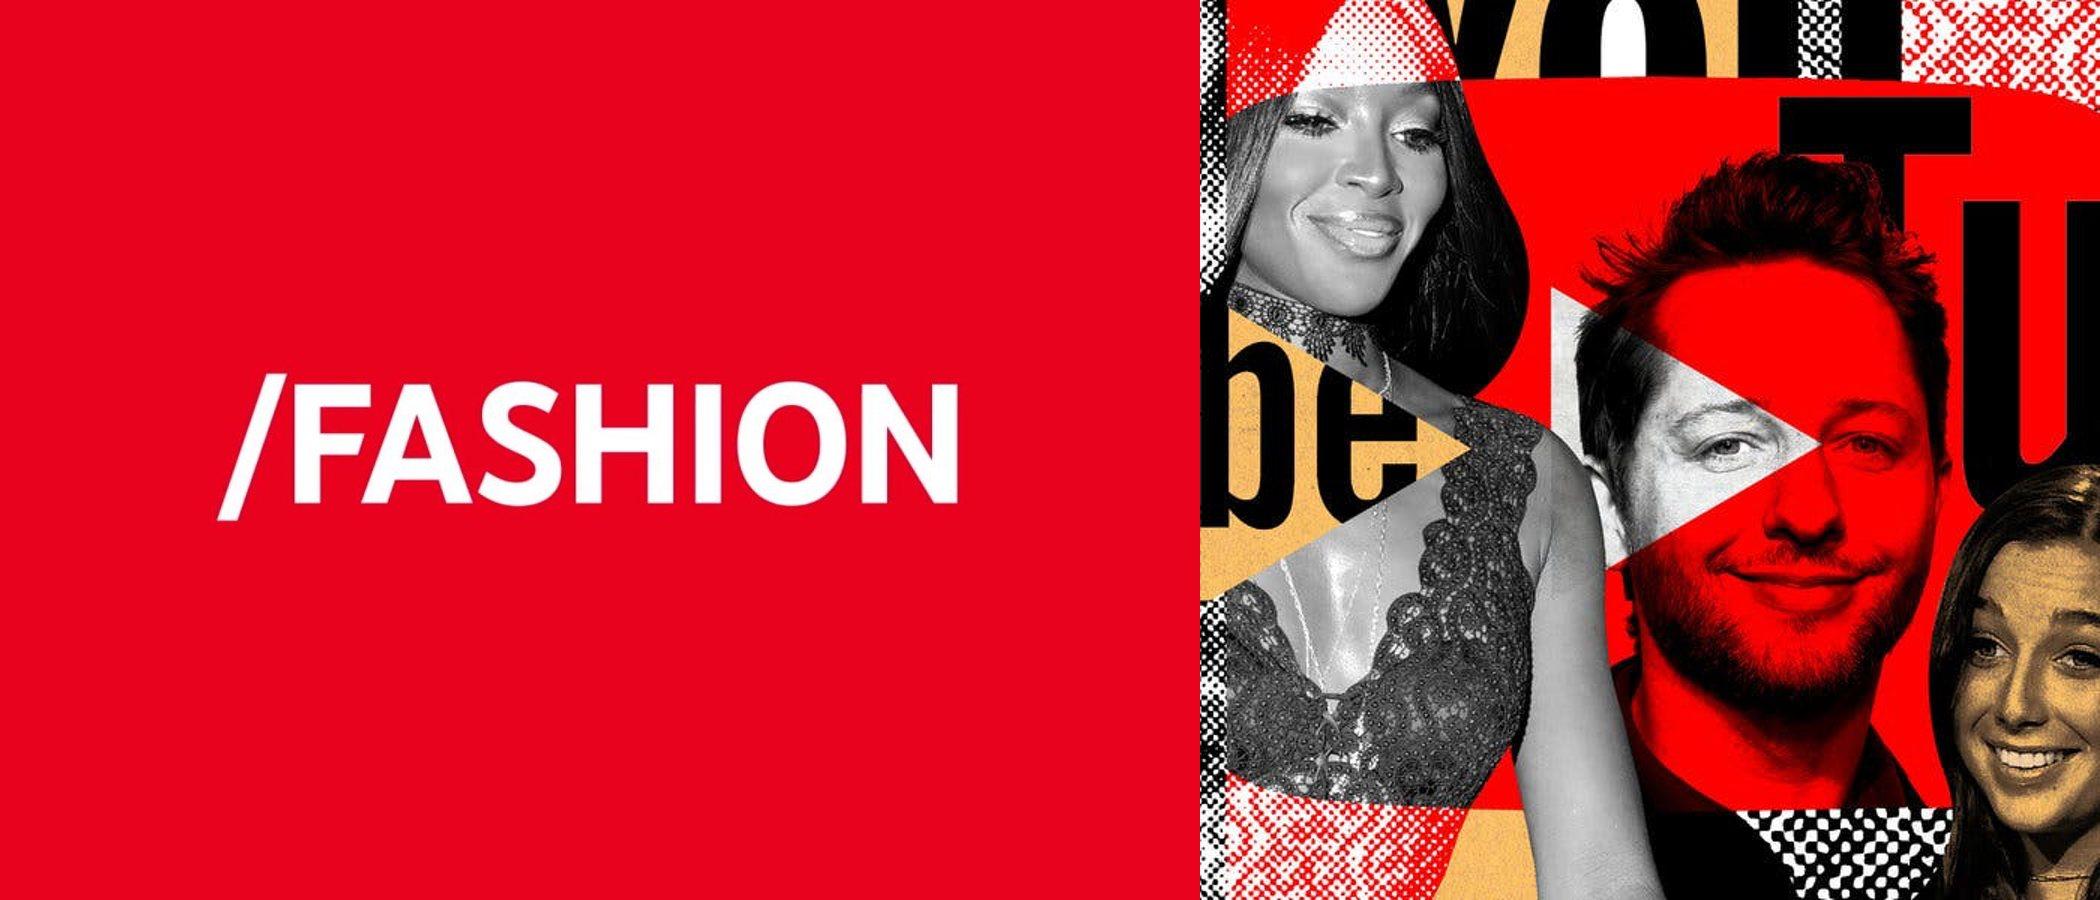 Youtube crea 'Fashion', un canal con contenido exclusivo sobre moda, belleza, influencers, desfiles...